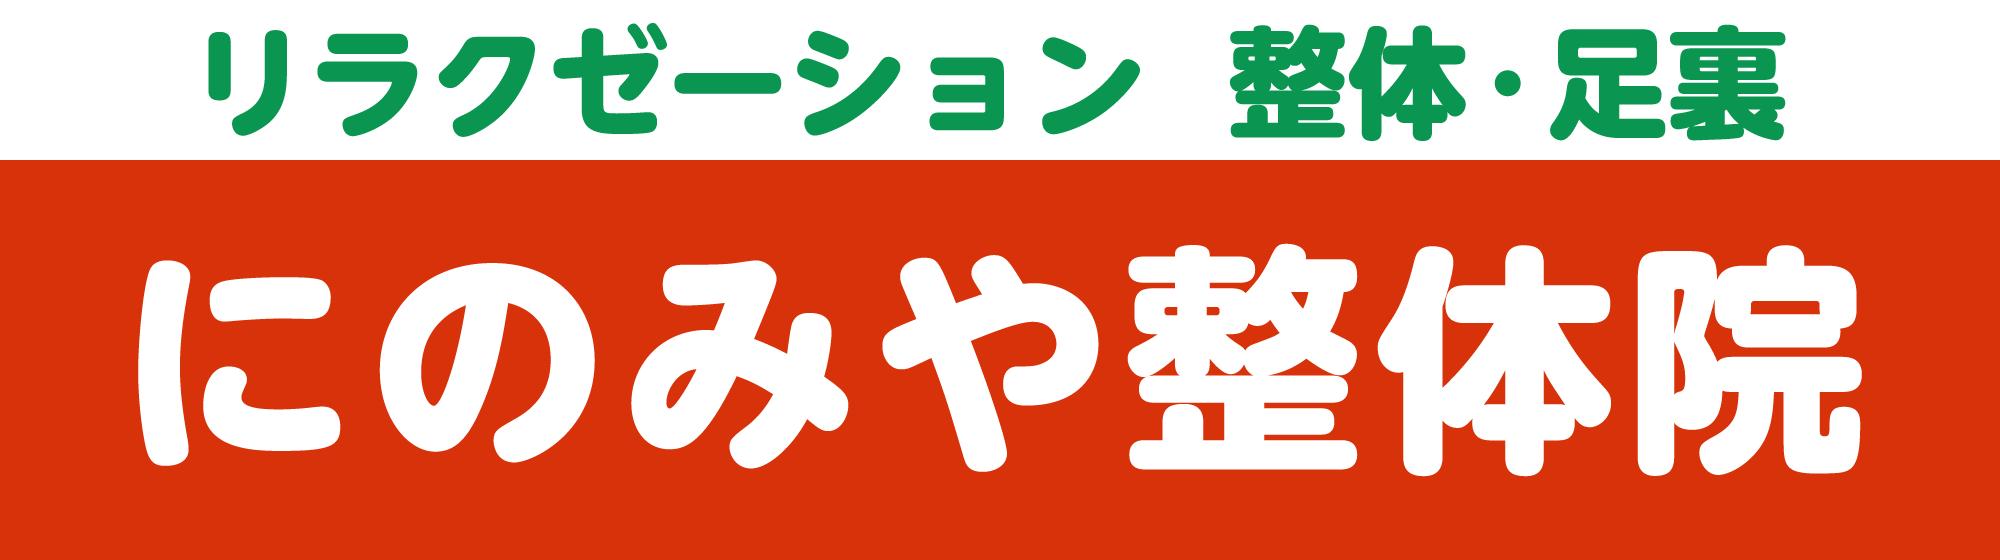 にのみや整体院【無料スクール生募集!】